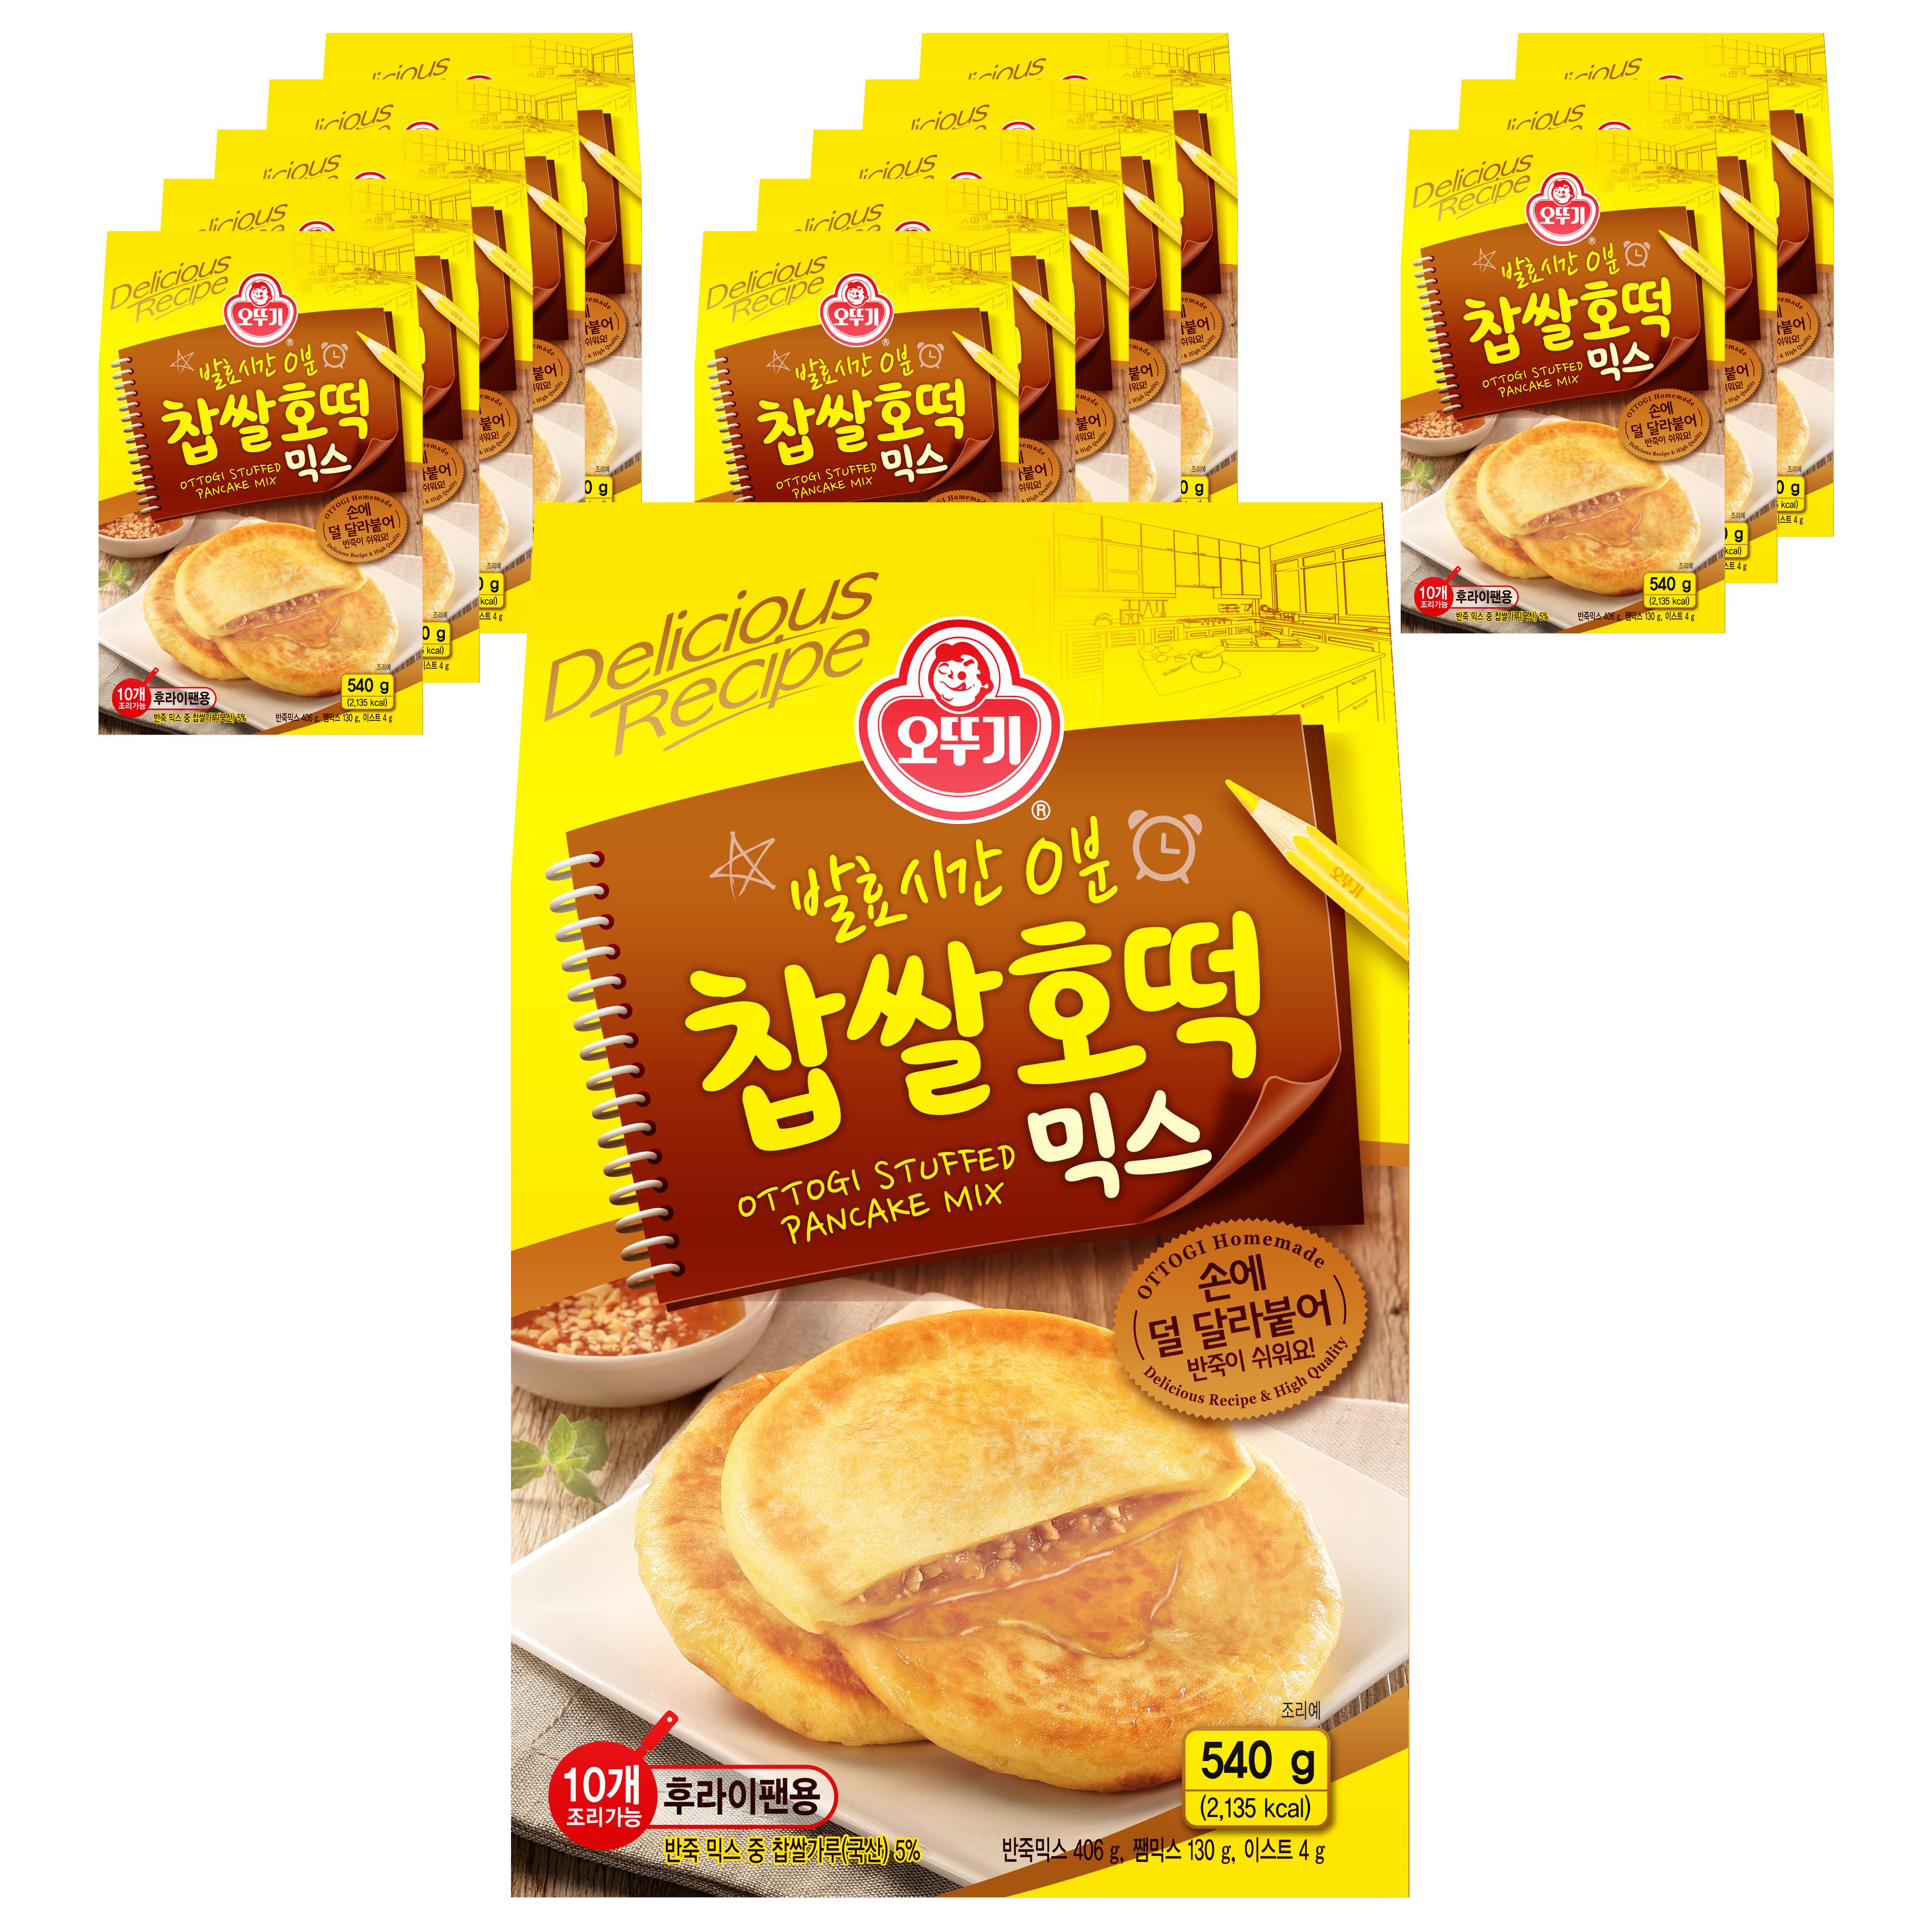 오뚜기 찹쌀 호떡 믹스, 540g, 14개